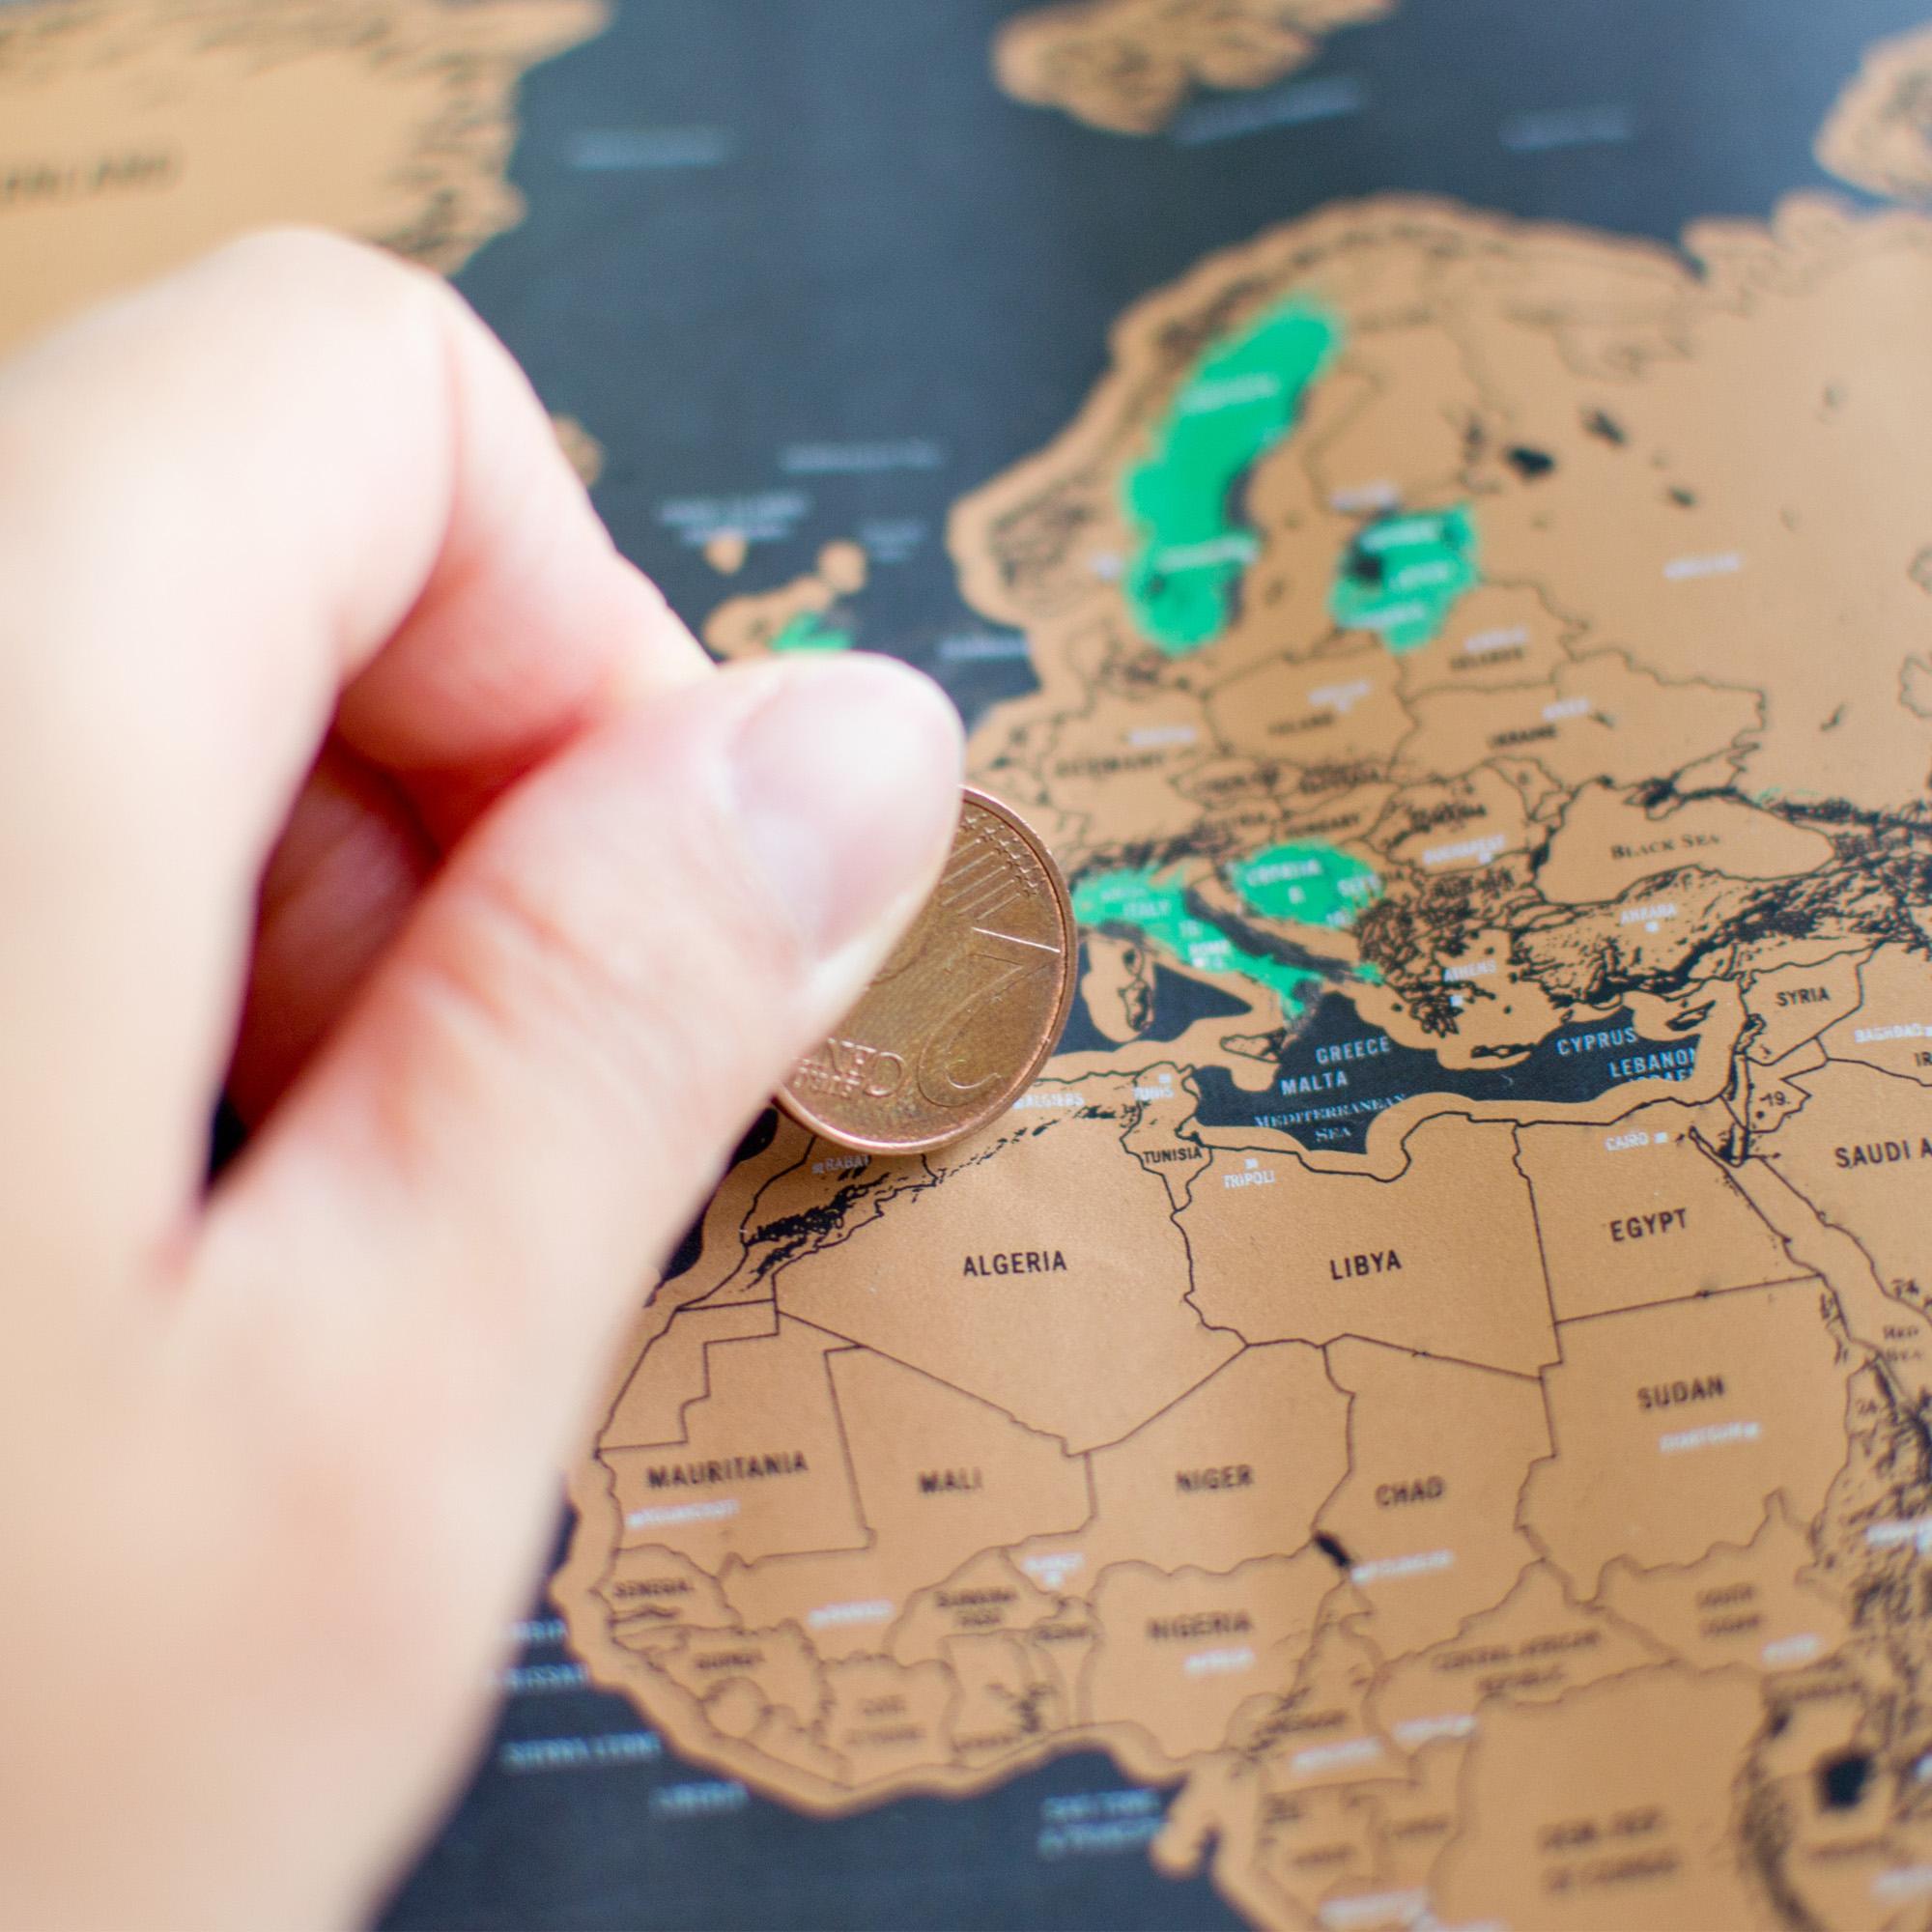 mapa raspadinha 3